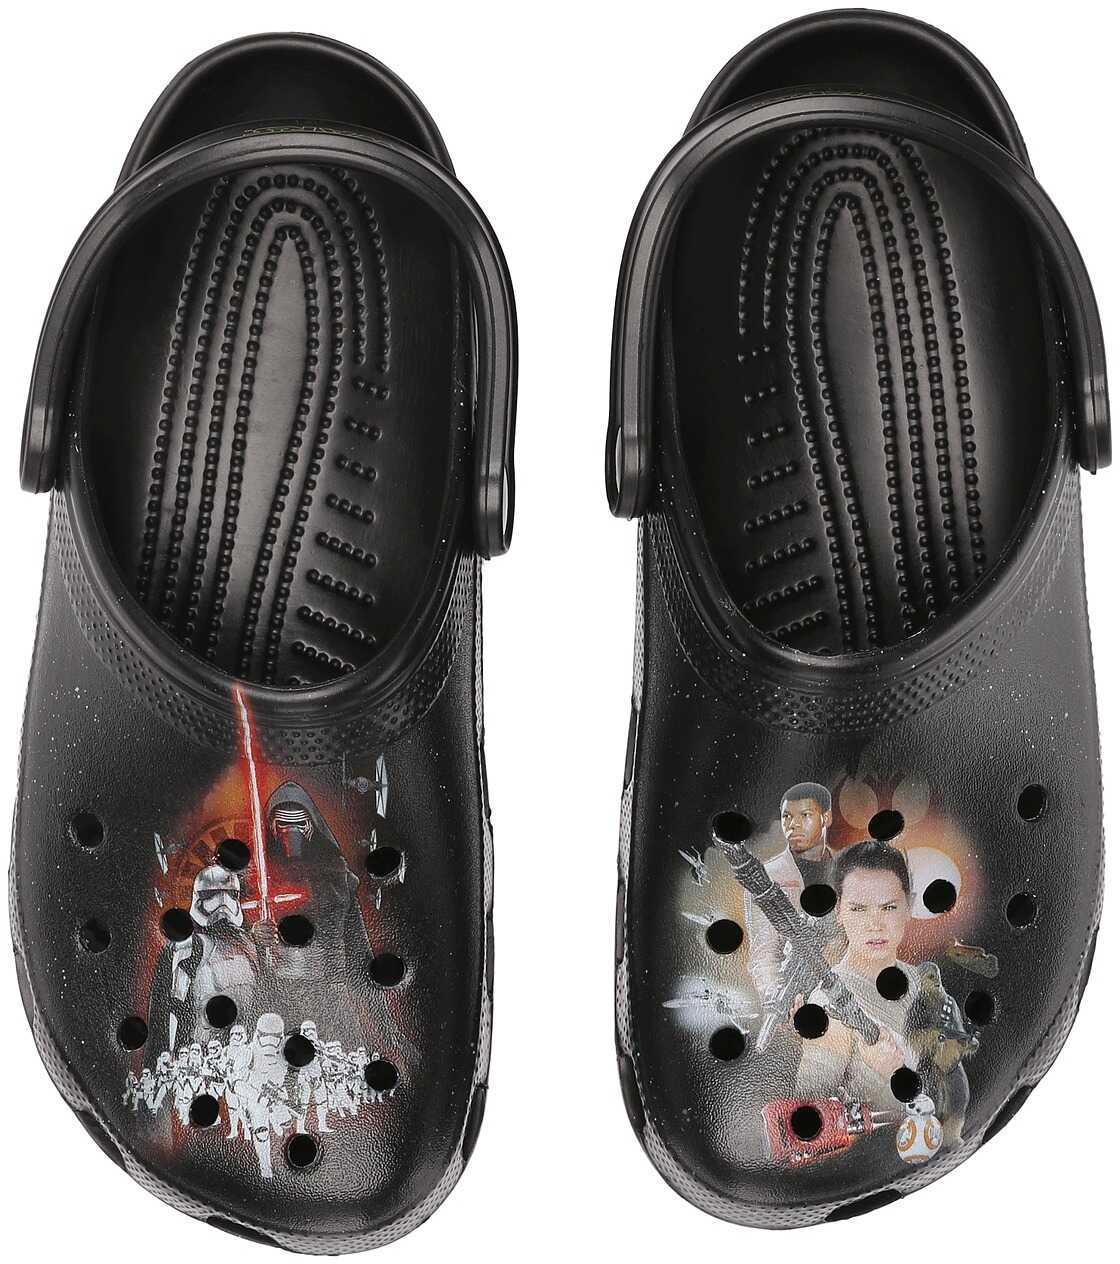 Crocs Classic Star Wars Clog Black